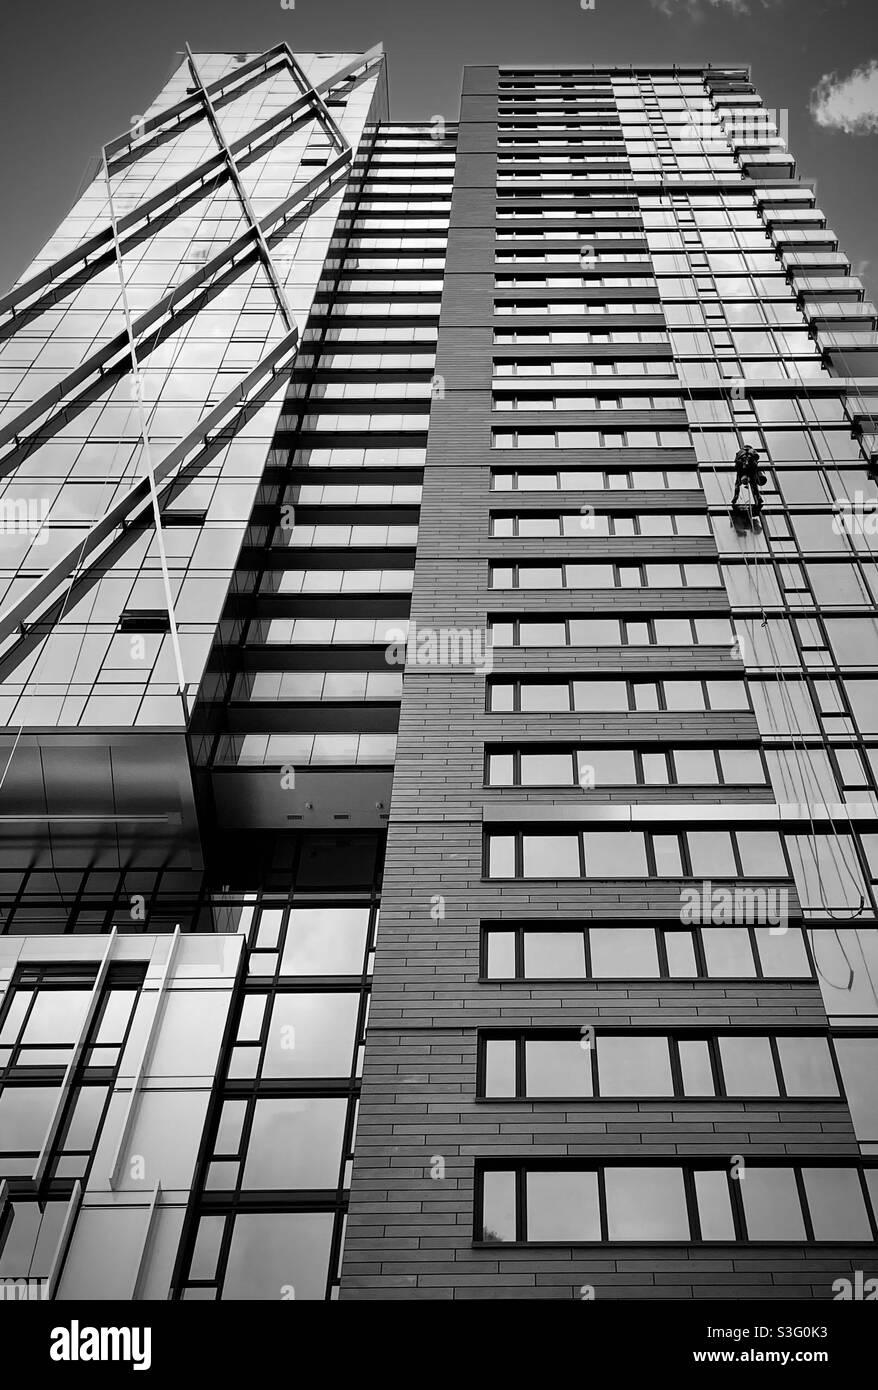 Eine Fensterwaschanlage hoch oben, die ein neues, modernes Gebäude spült. Vancouver, BC. Kanada. Stockfoto